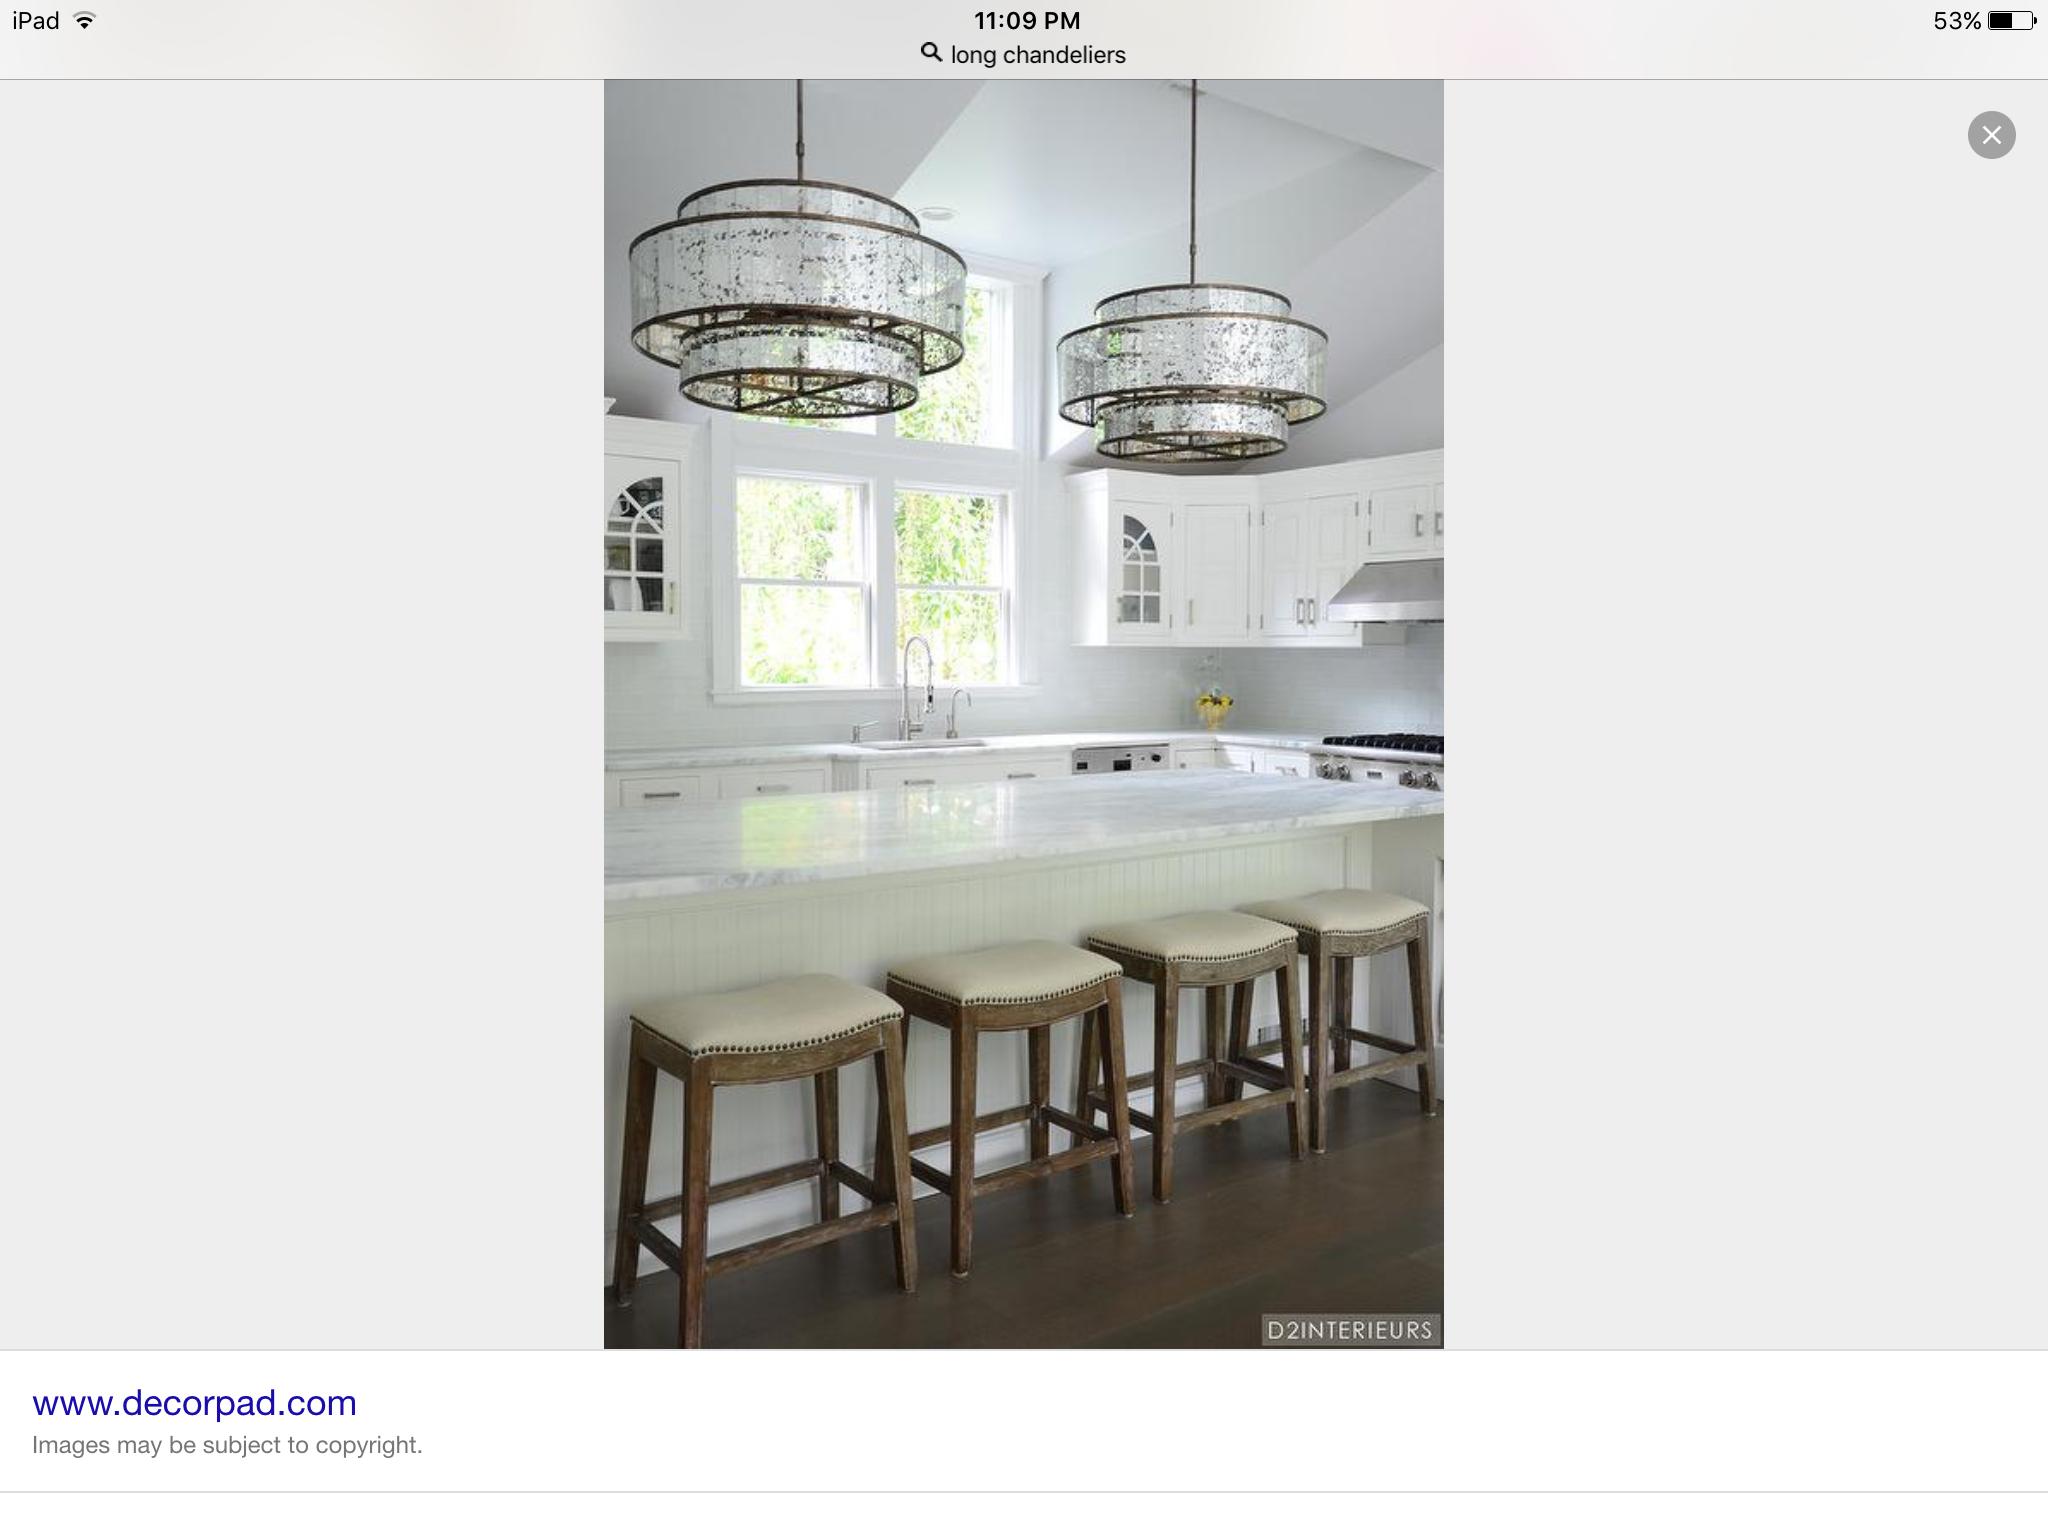 Vistoso Cocina Y Baño De Diseño Nj Motivo - Ideas de Decoración de ...